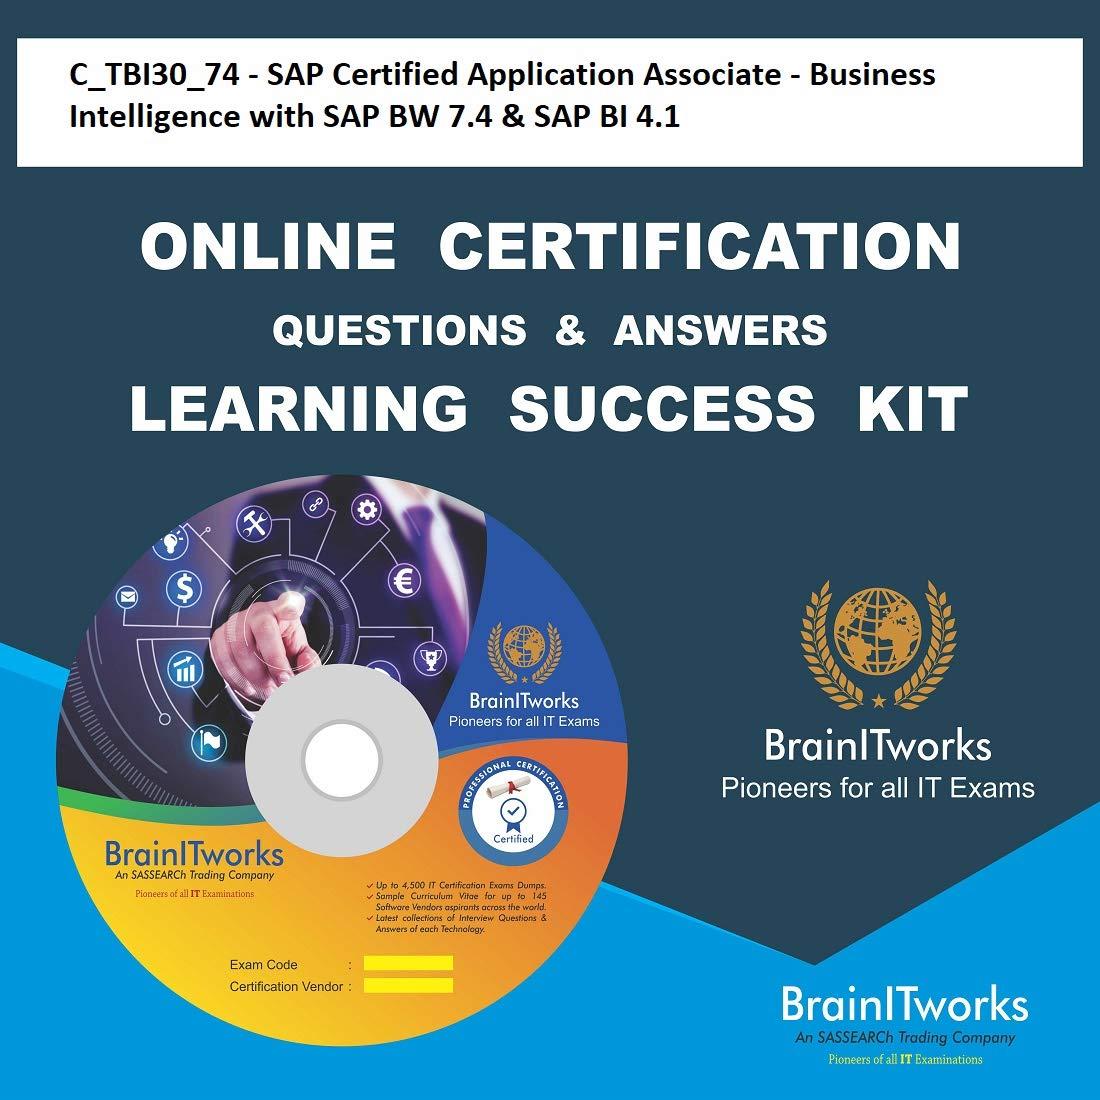 Ctbi3074 Sap Certified Application Associate Business